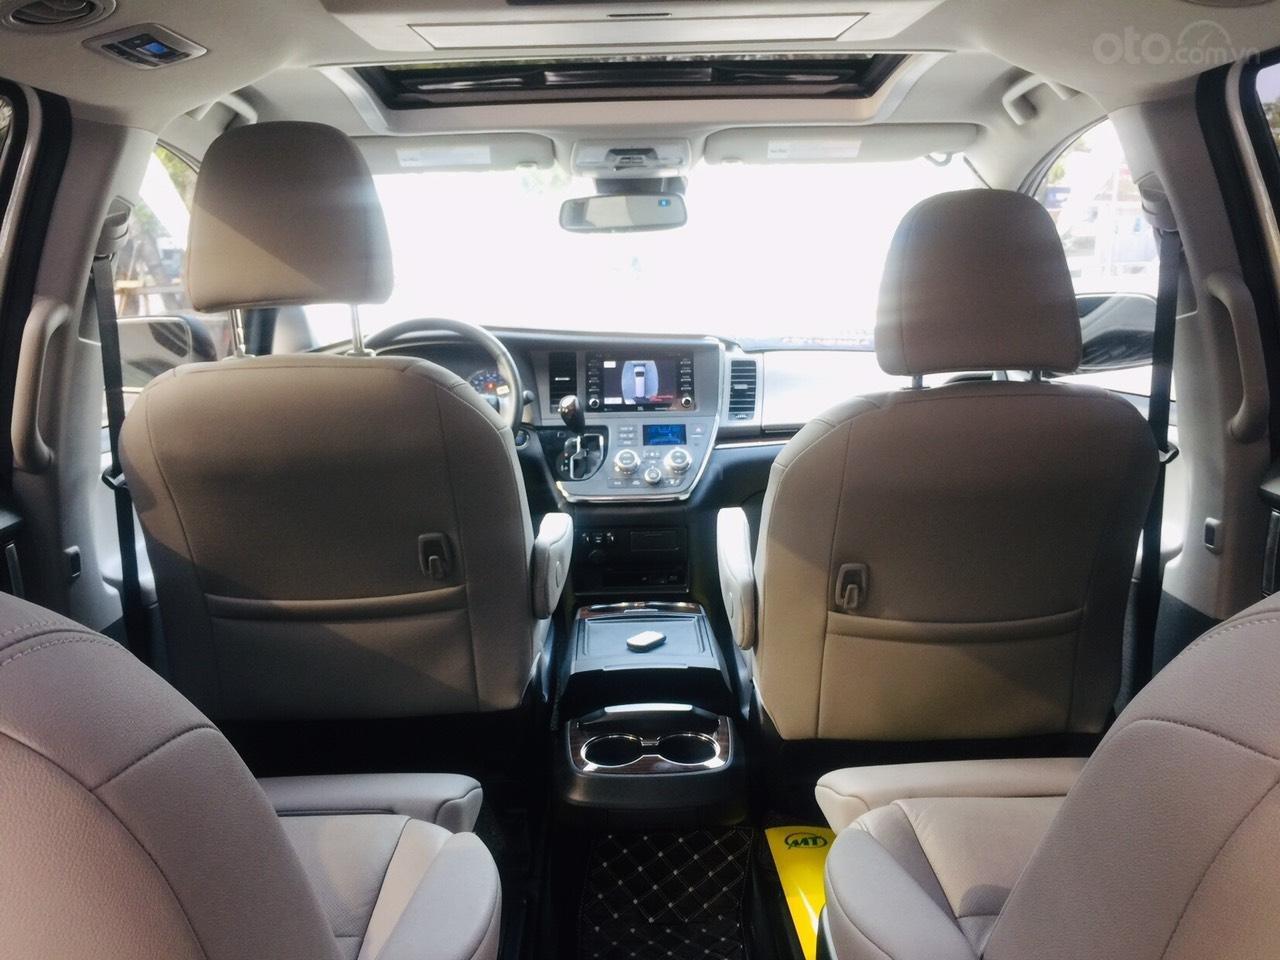 Bán Toyota Sienna Limited 2020 1 cầu, LH Ms Ngọc Vy giá tốt, giao ngay toàn quốc (17)